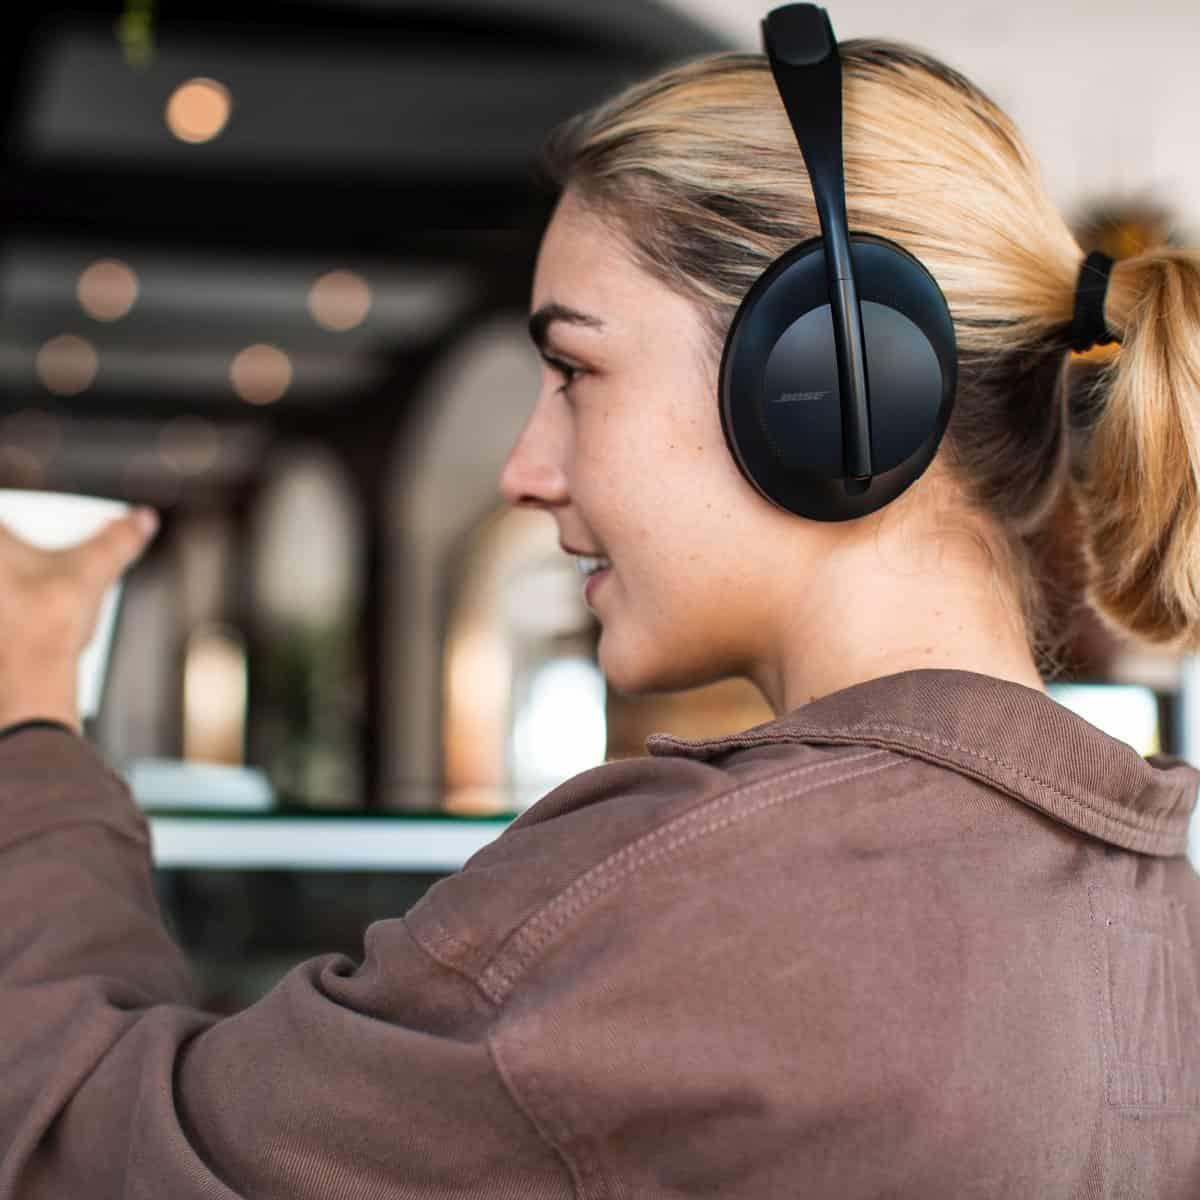 Bose představila sluchátka Headphones 700 spotlačením okolních ruchů